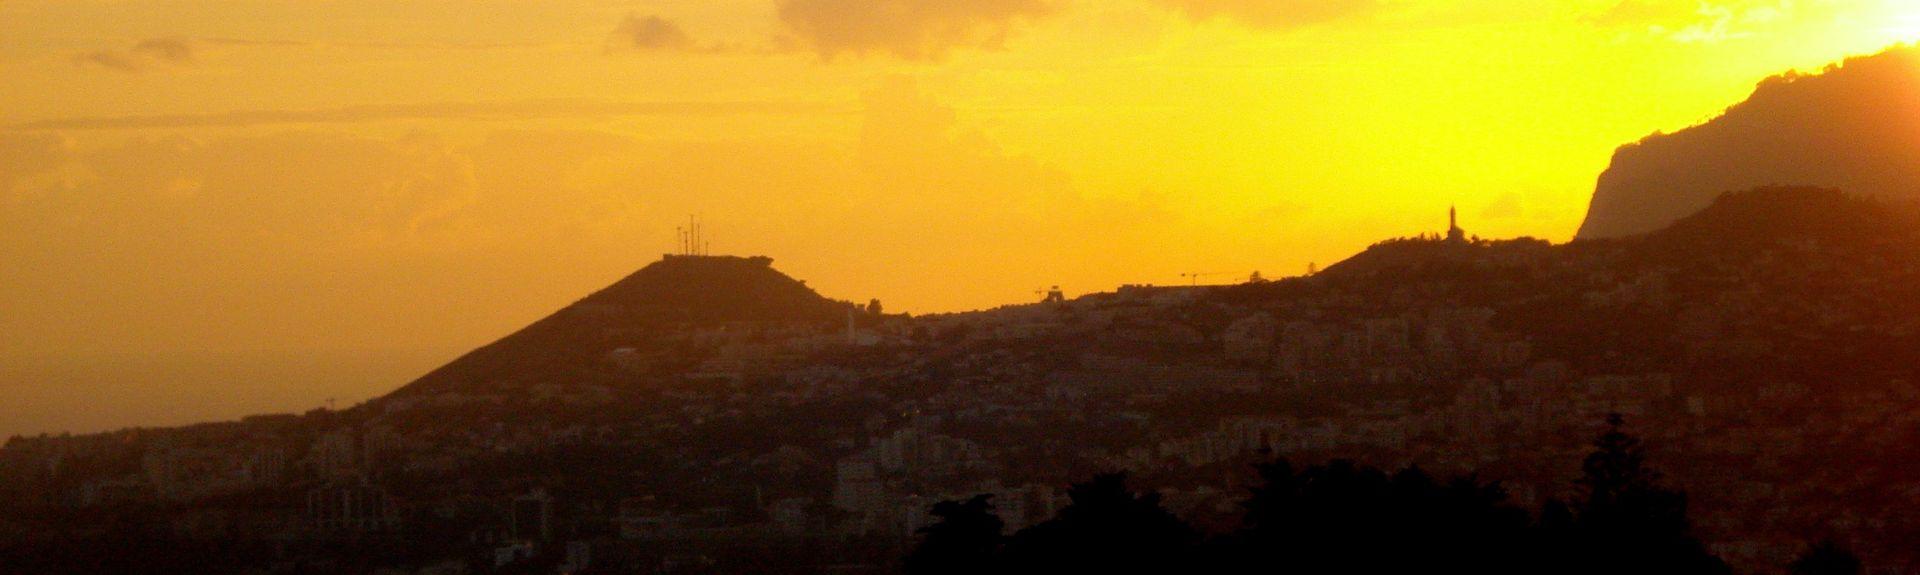 Santana, Madeira-regionen, Portugal